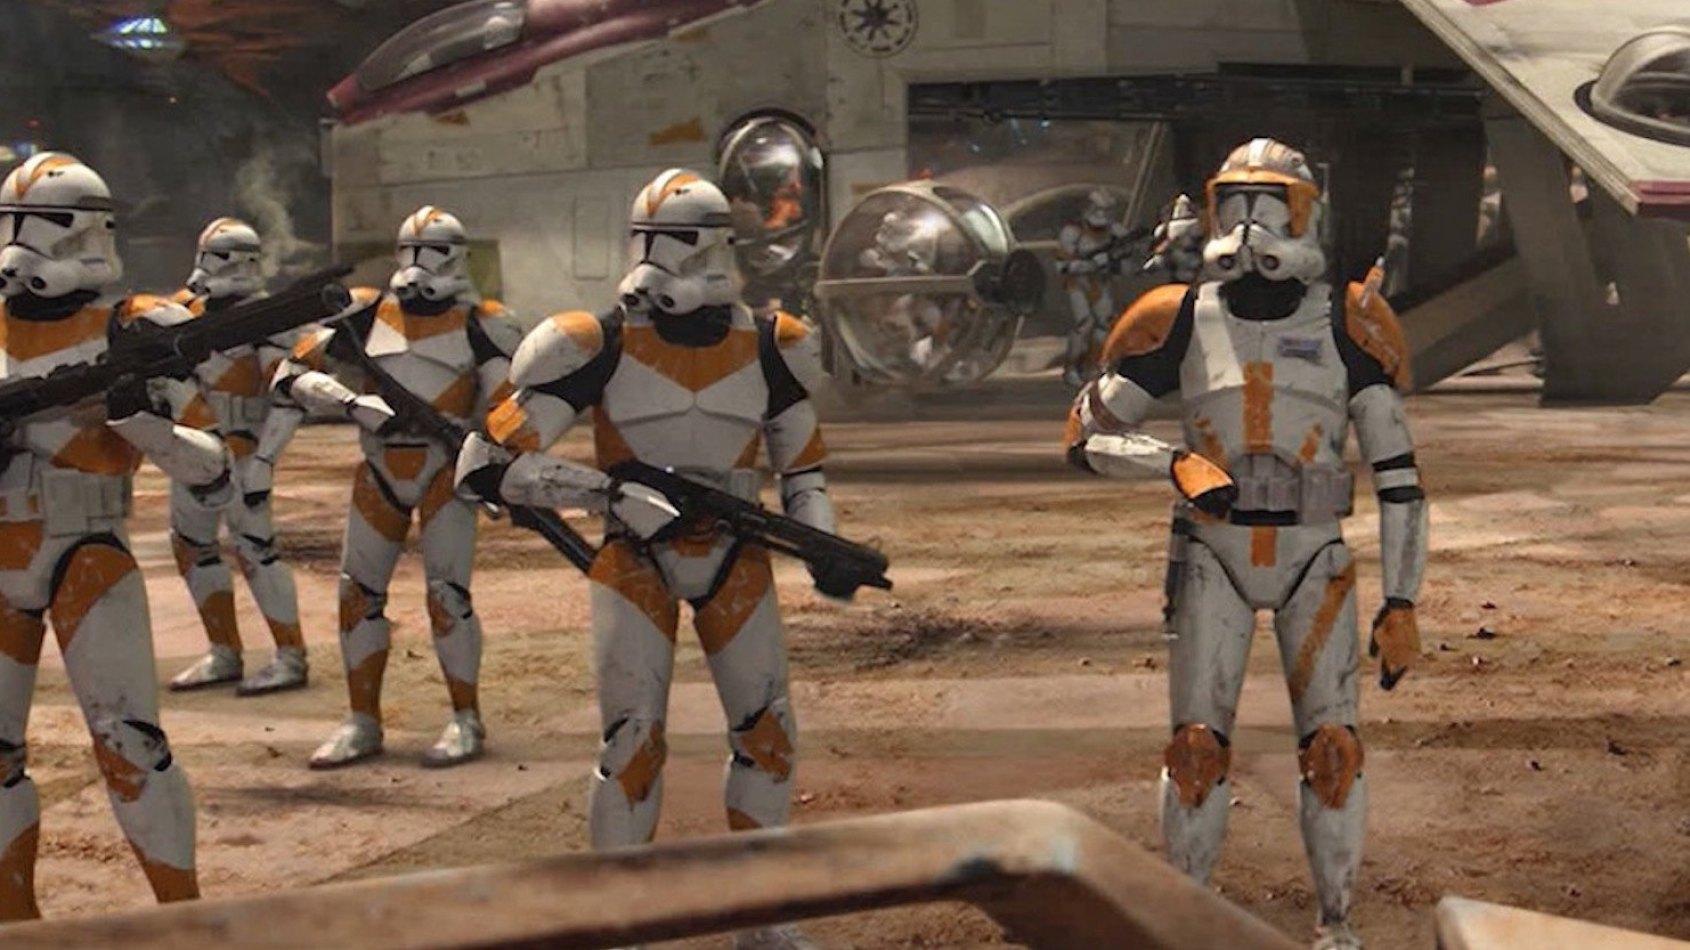 L'évolution des stormtroopers dans Star Wars